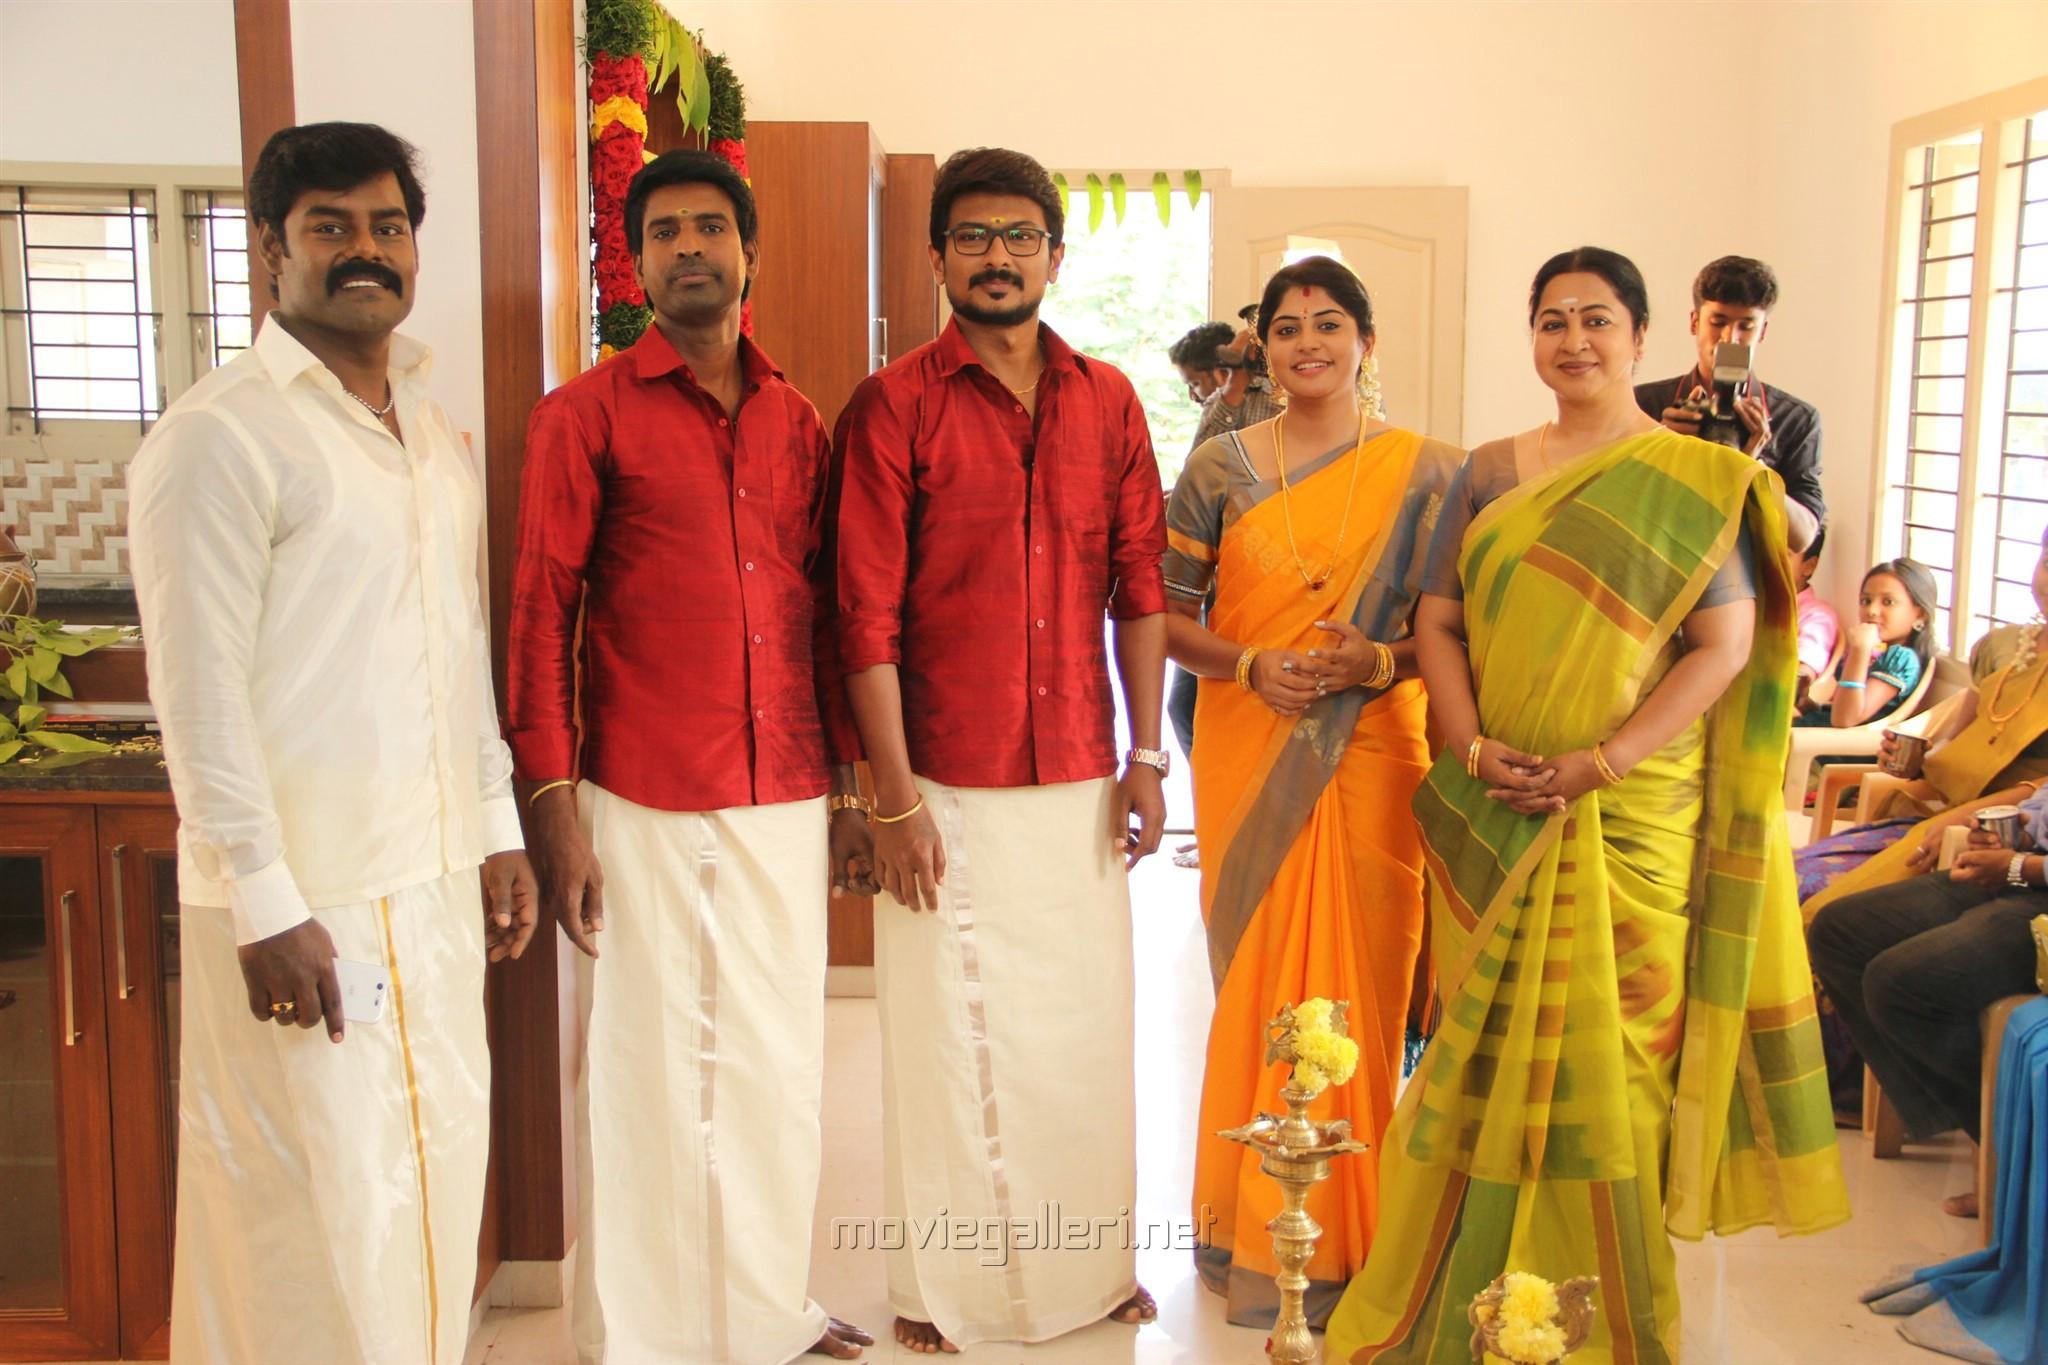 RK Suresh, Soori, Udhayanidhi Stalin, Manjima Mohan, Radhika @ Ippadai Vellum Movie review